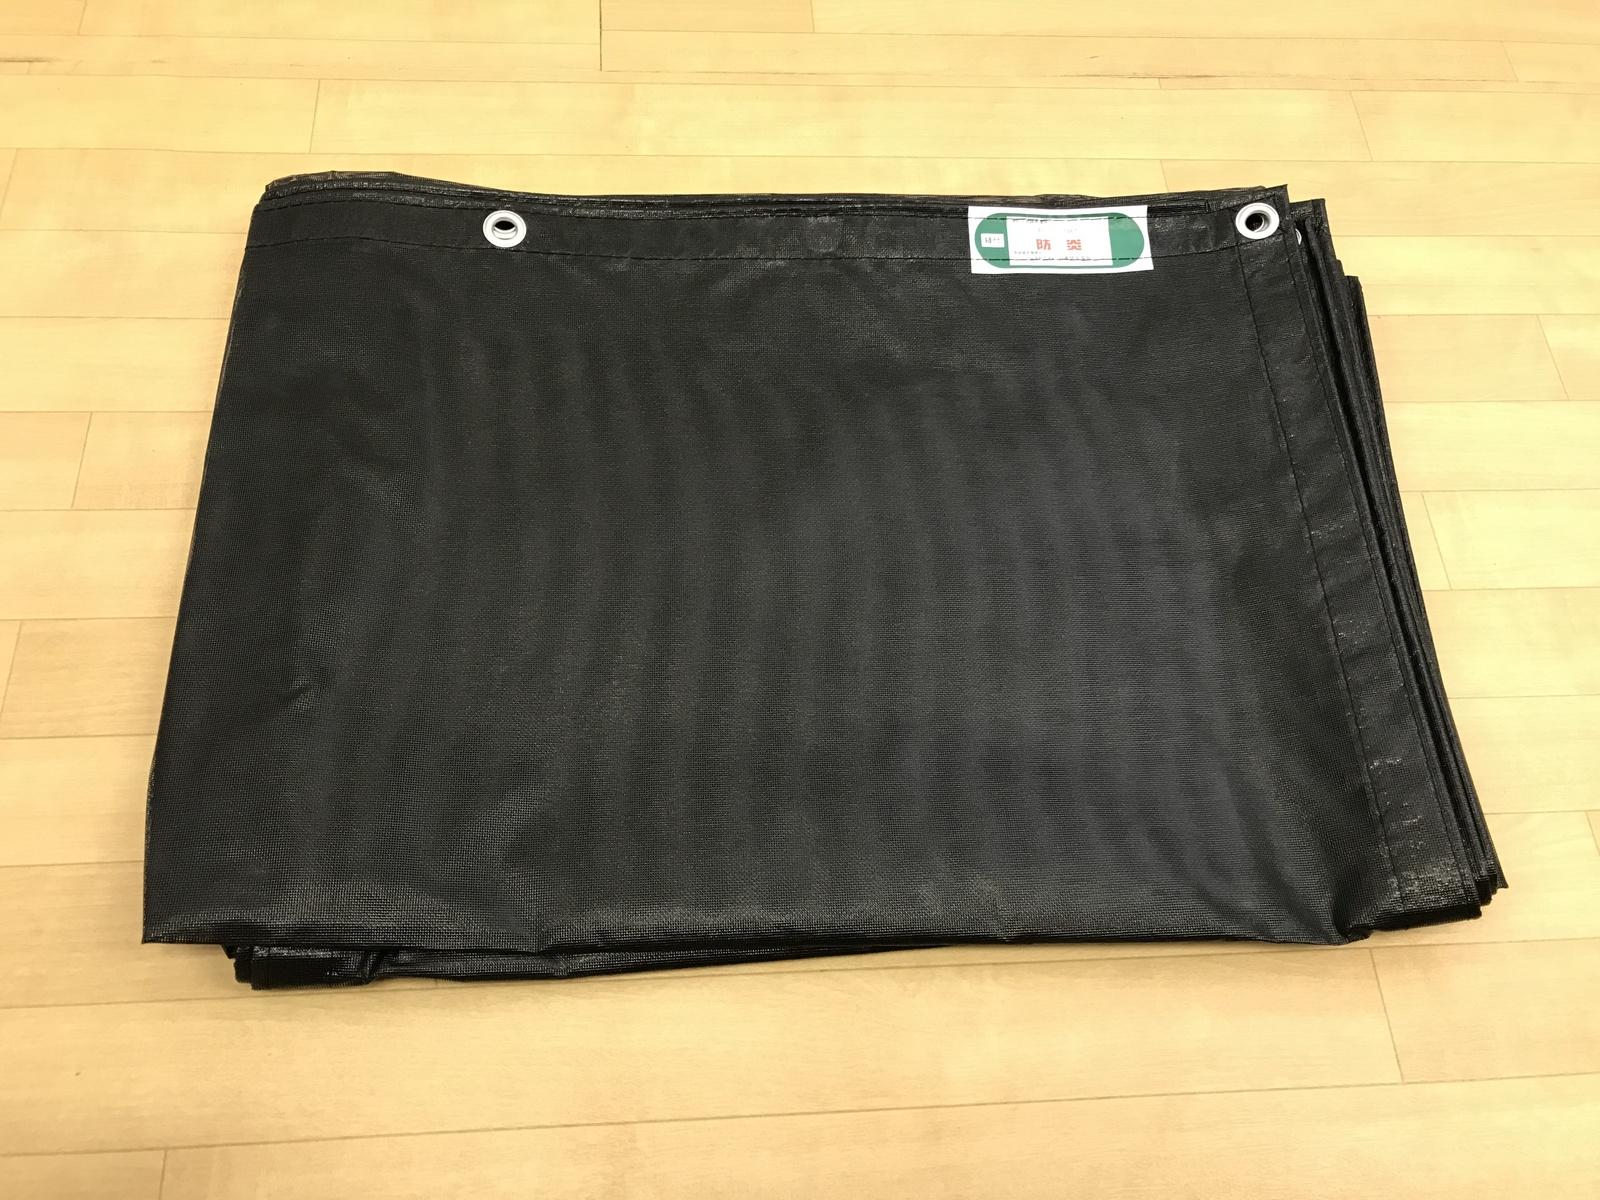 仮設足場資材 新品 メッシュシート2類1.8M×5.1M メーター 黒(ブラック) ハトメピッ千300mm 1梱包10枚入り 10枚セット(他の商品もありますので、メールや電話などのお問い合わせが可能です。